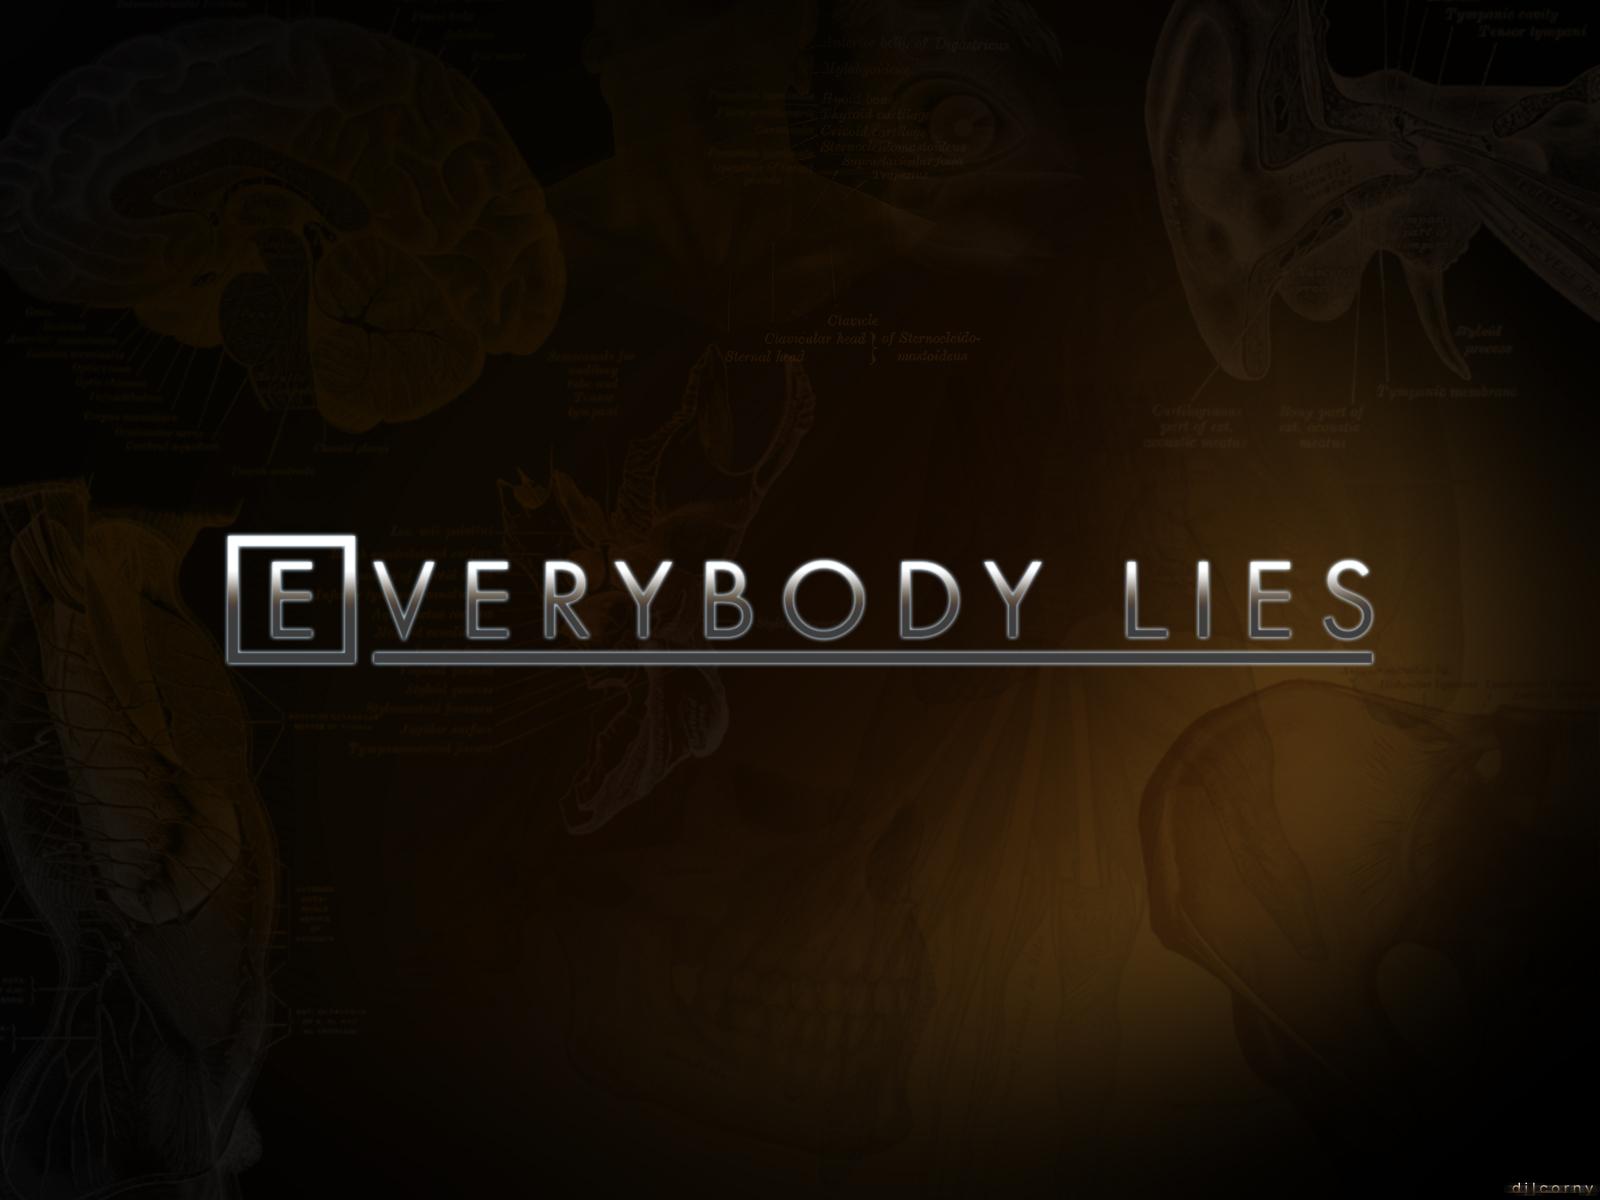 http://4.bp.blogspot.com/_0ejpMhYSsuQ/TDIvumGRsHI/AAAAAAAACgc/wf4G7SVc8yg/s1600/Everybody-Lies-house-md-1395803-1600-1200.jpg